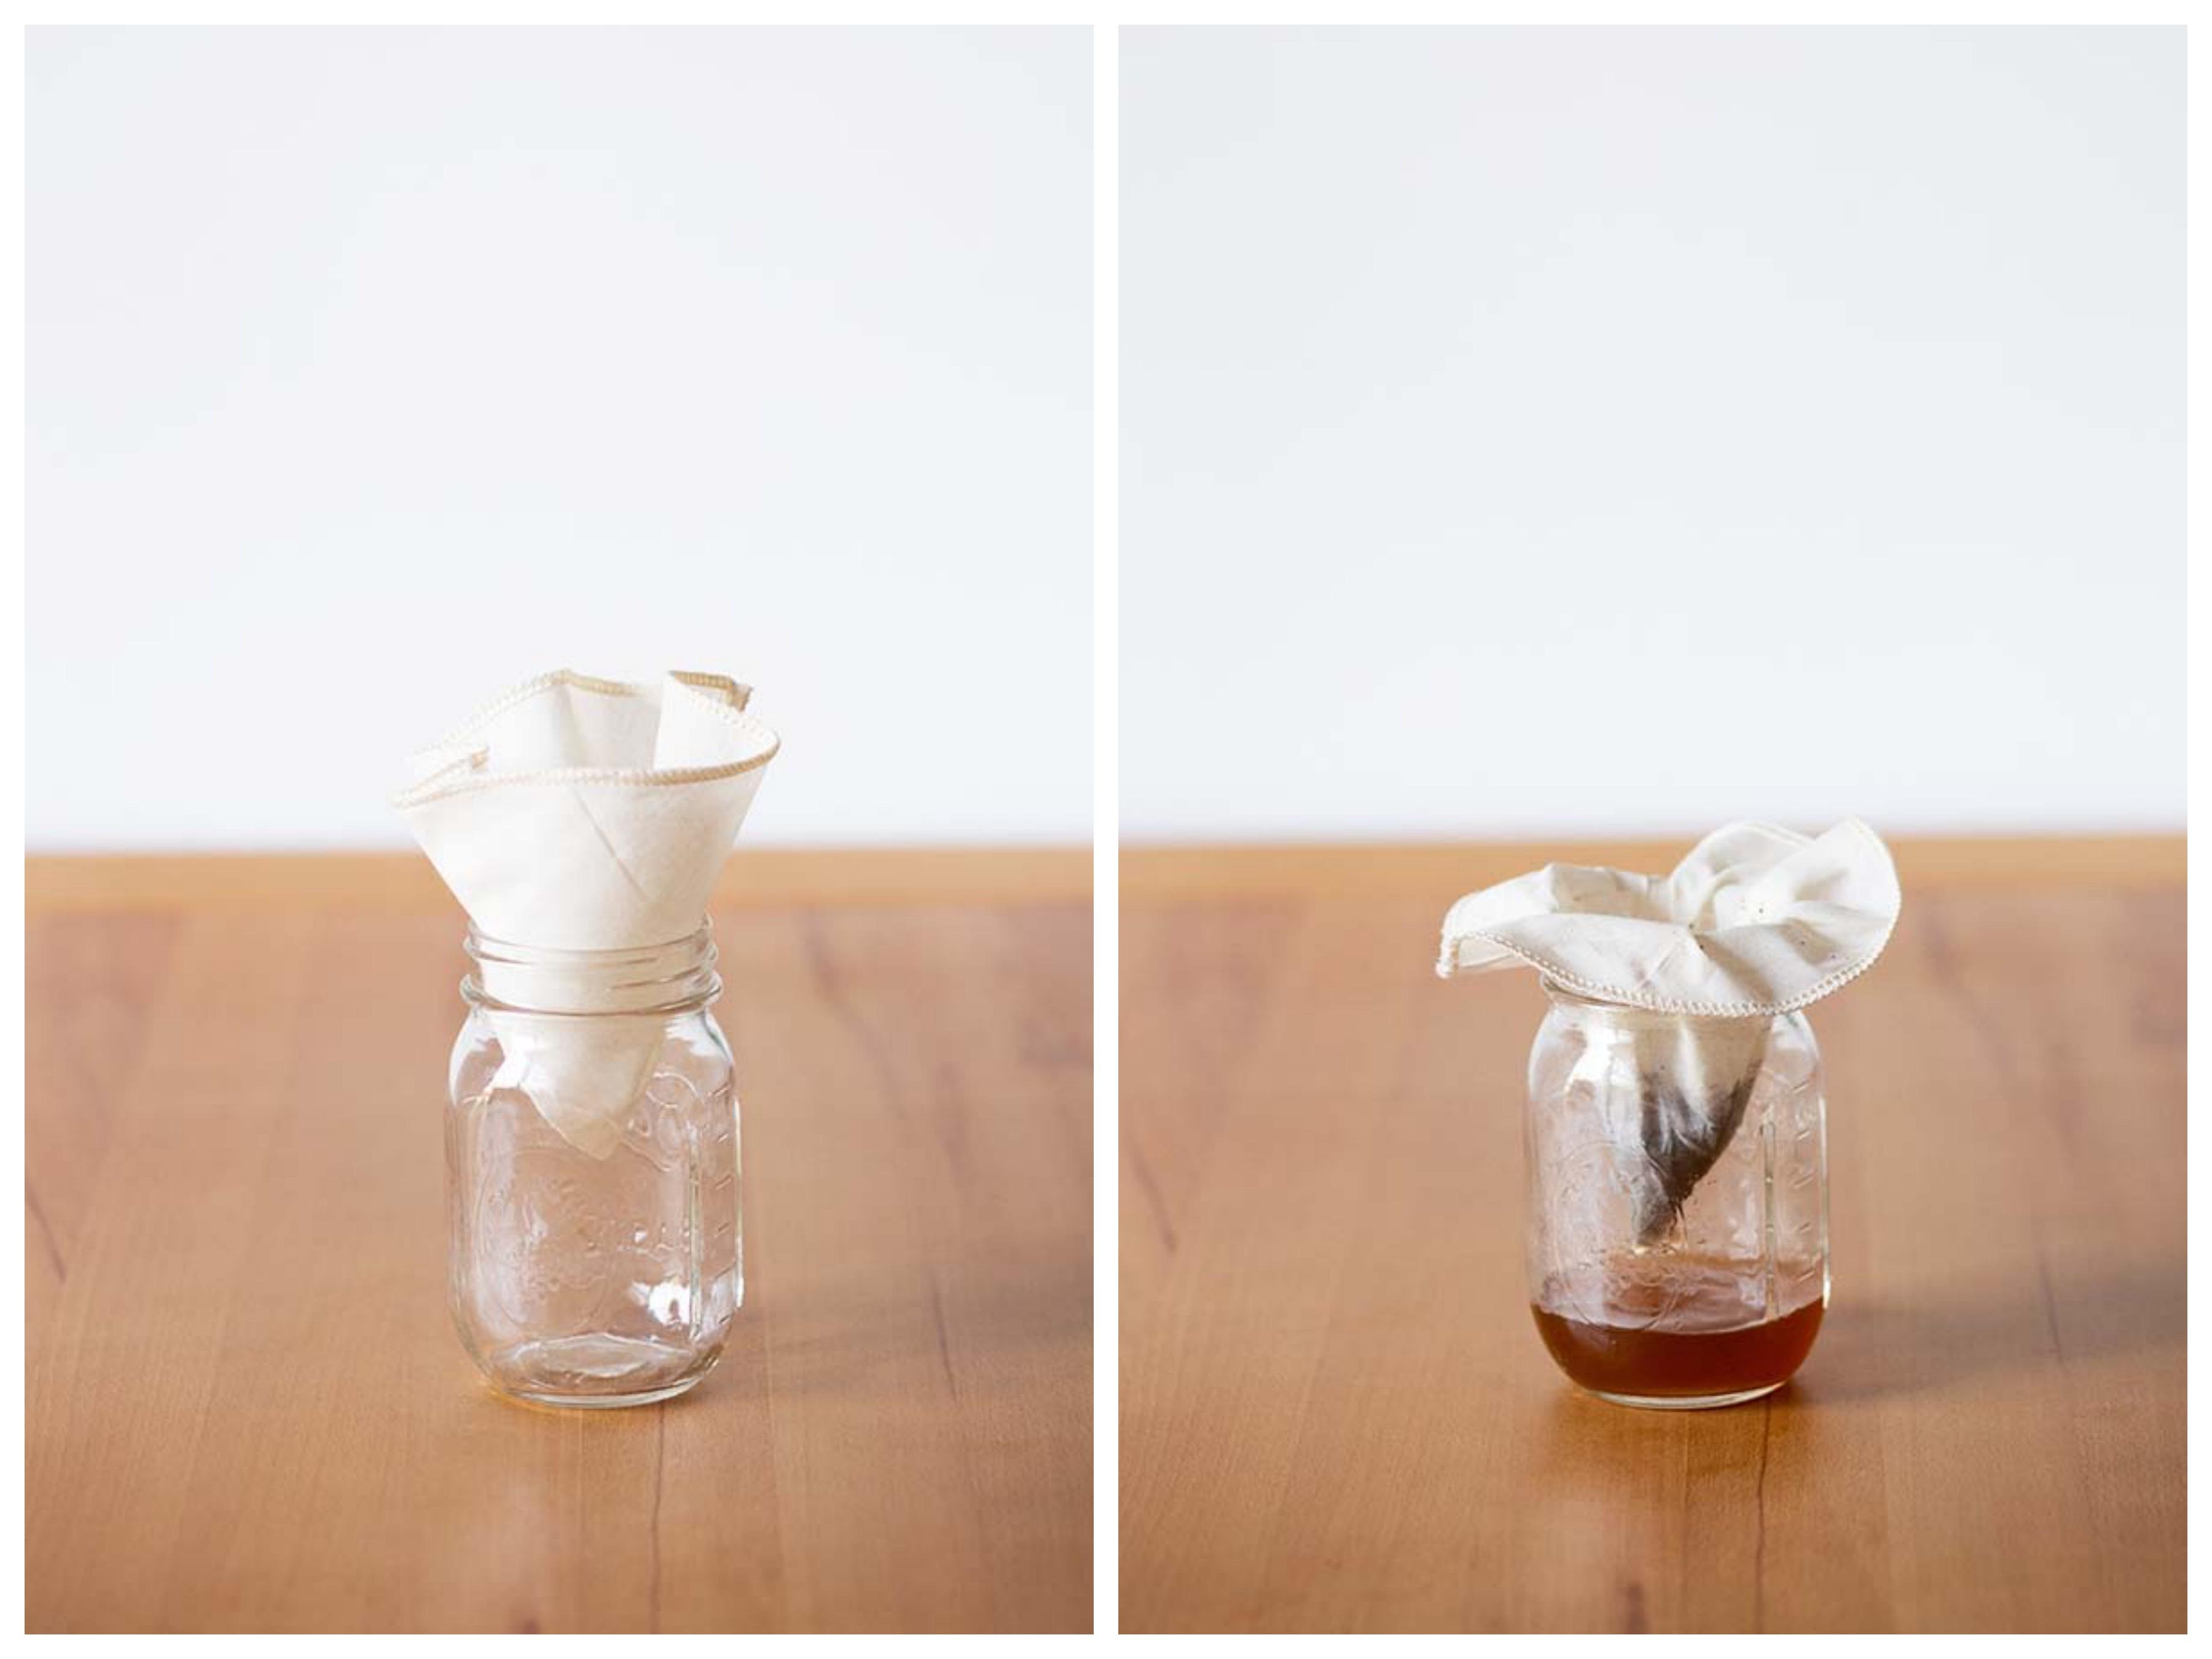 Nachhaltiger Kaffeefilter aus Stoff